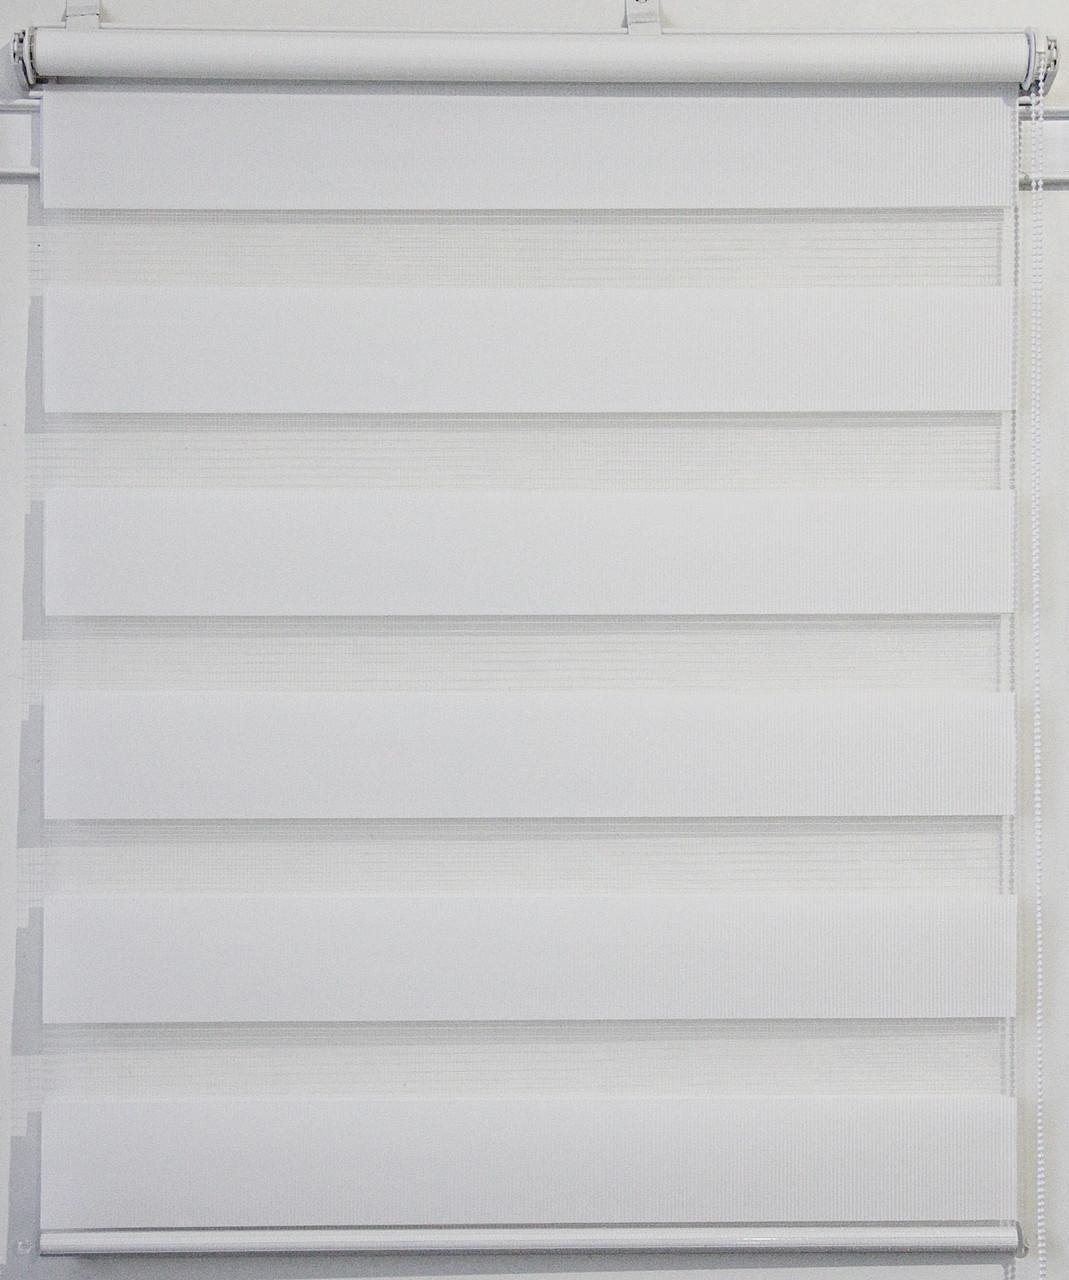 Готовые рулонные шторы 750*1300 Ткань ВН-01 Белый